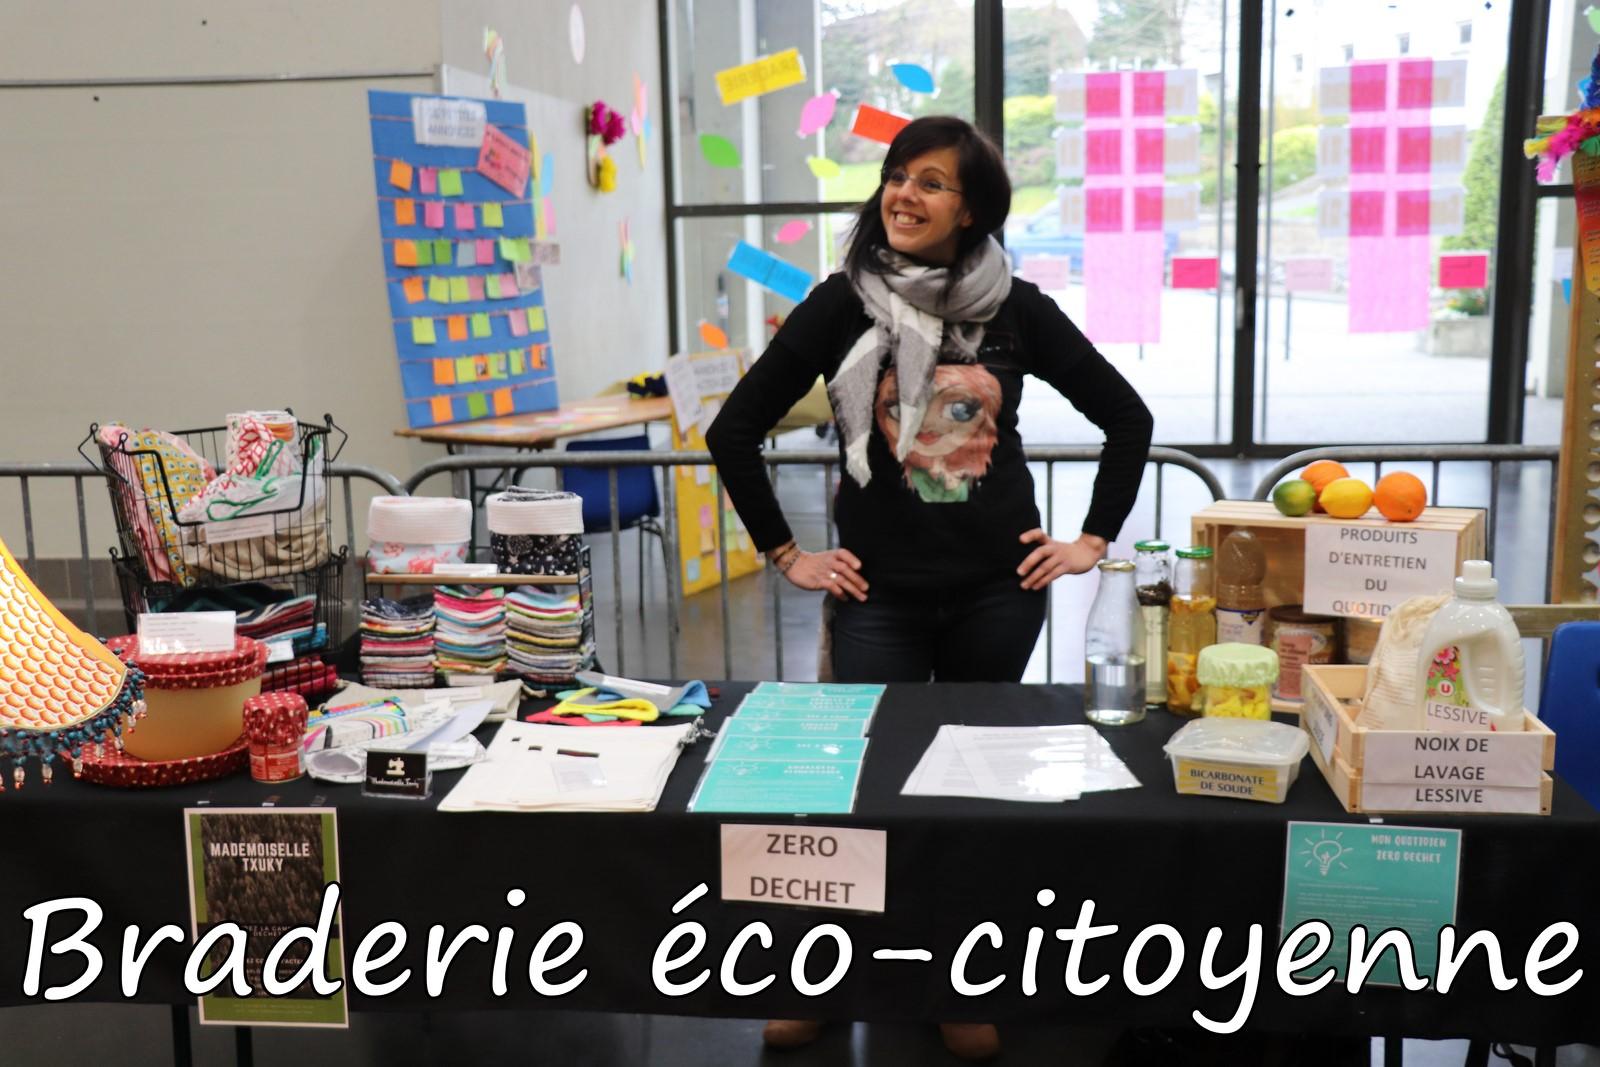 Braderie-eco-citoyenne